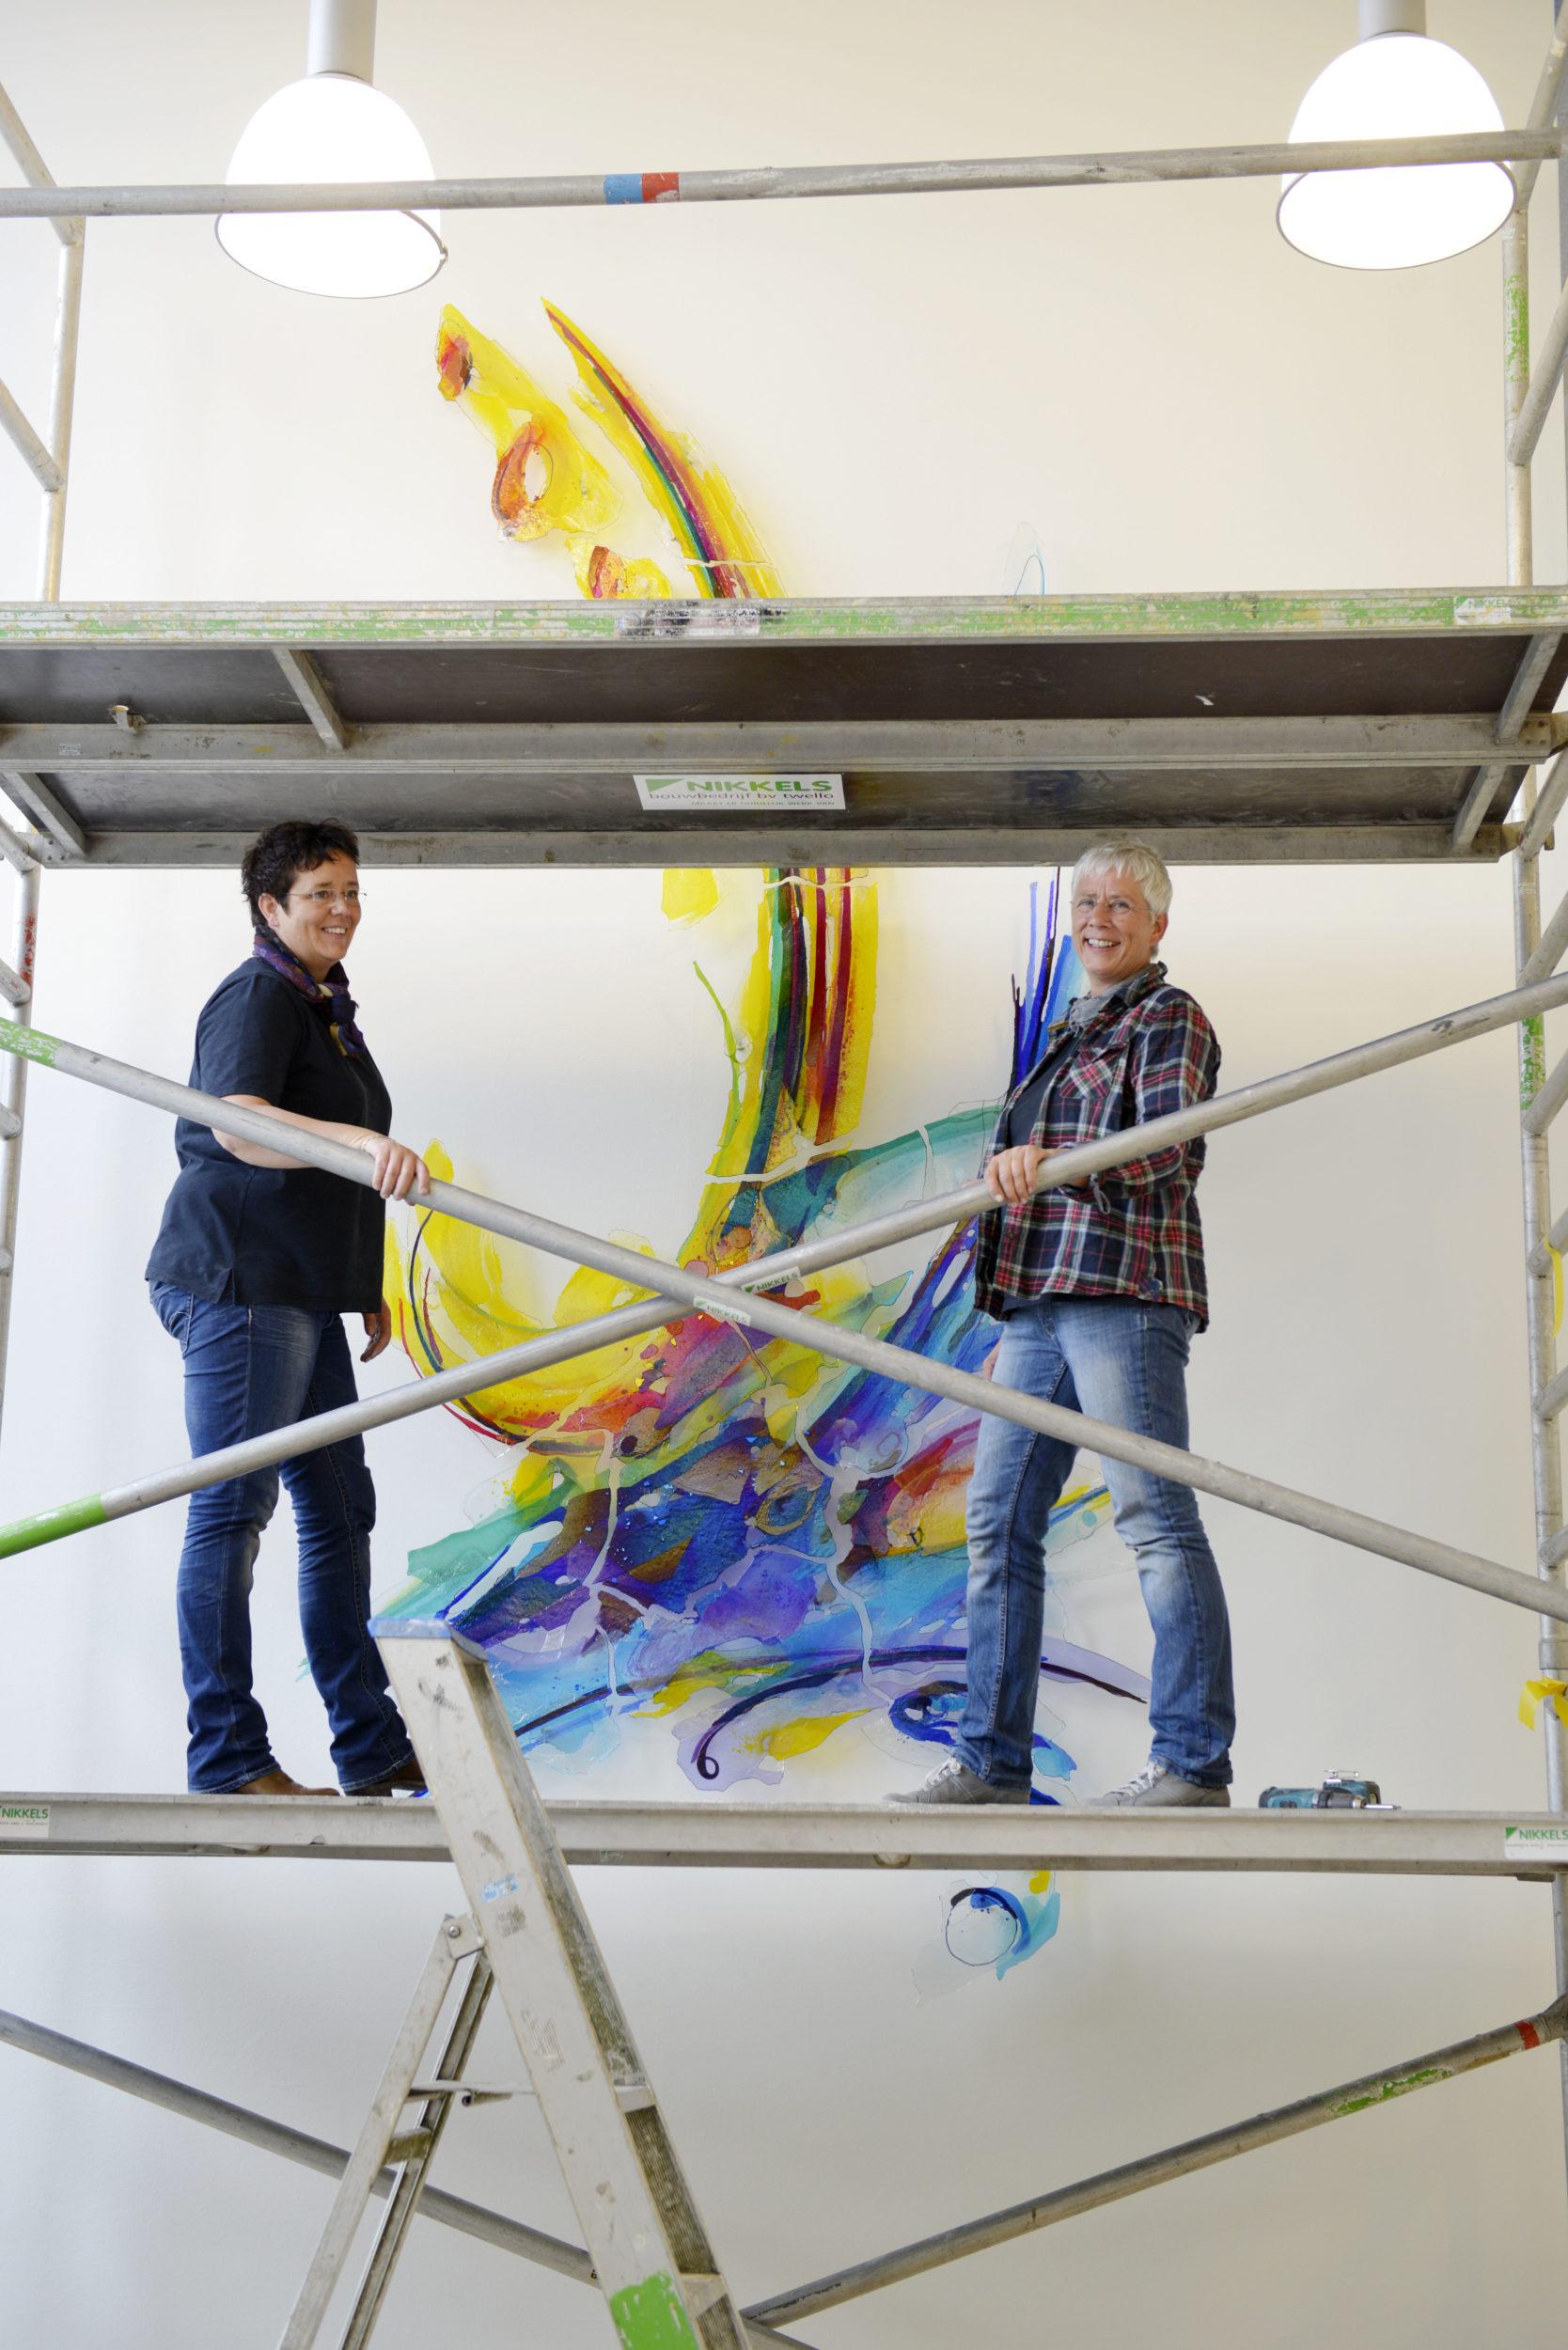 Plaatsing van het kunstwerk in het Waterschapkantoor Apeldoorn | Atelier Galerie Annemiek Punt Ootmarsum Glas & Schilder Kunst